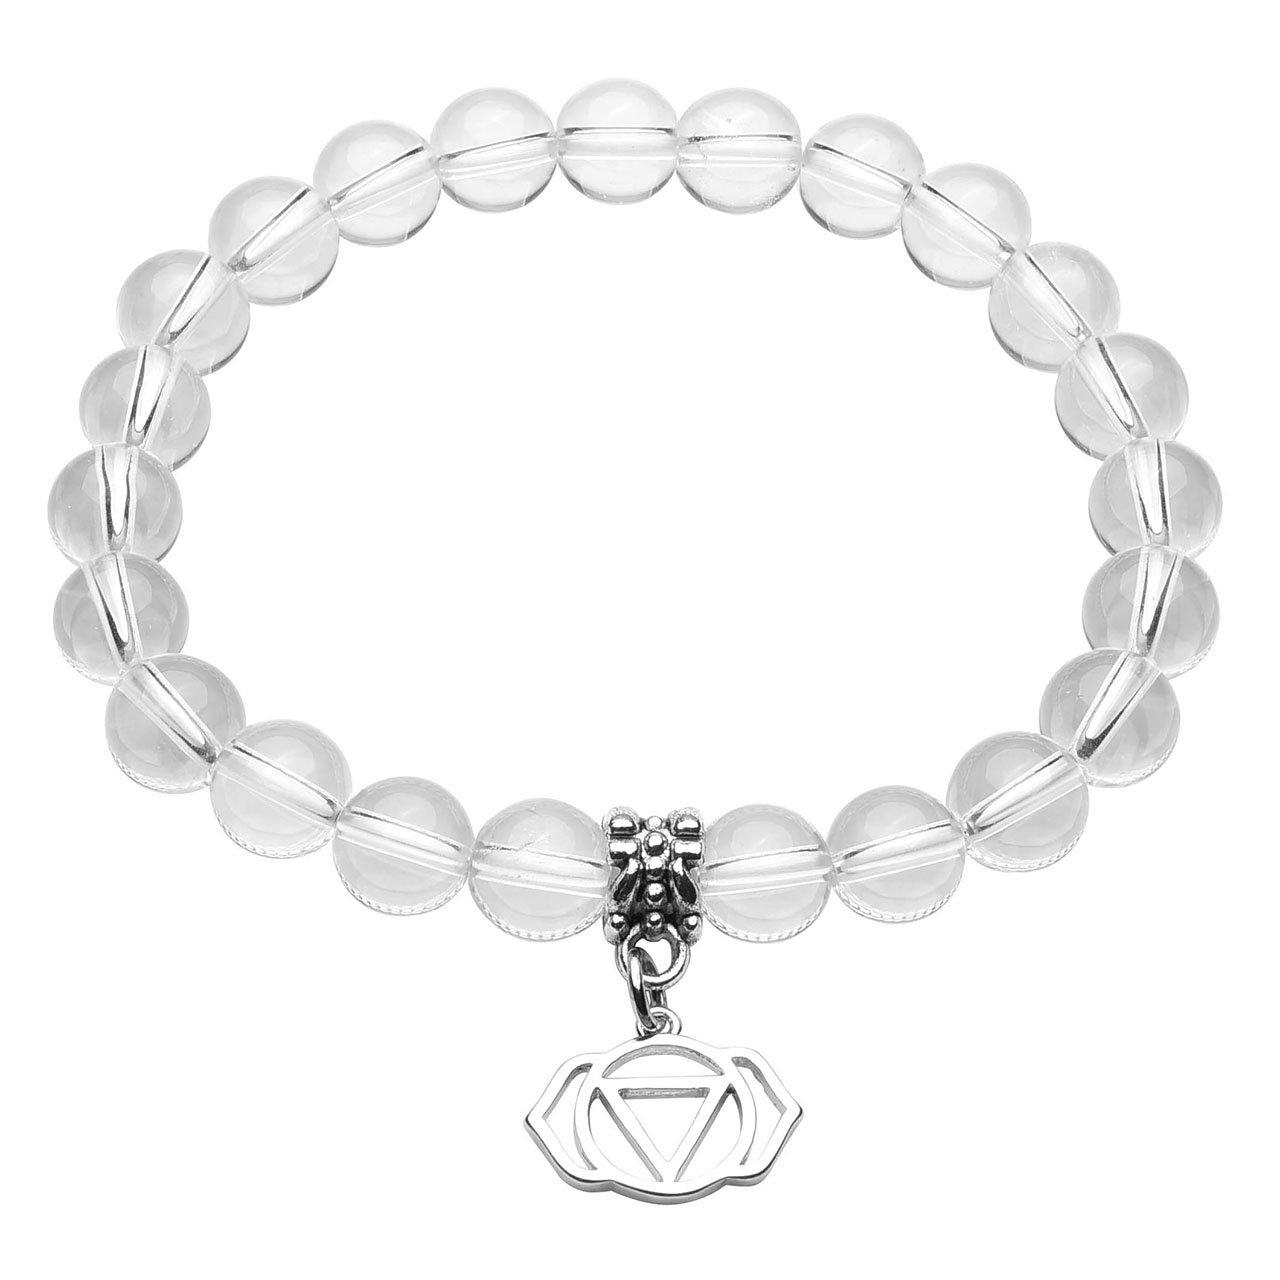 QGEM 2pcs Bracelet en Pierre Quartz Cristal de Roche Blanc Naturelle Pendentif \'Ajna\' pour Amoureux Meilleure Amie Femme Homme